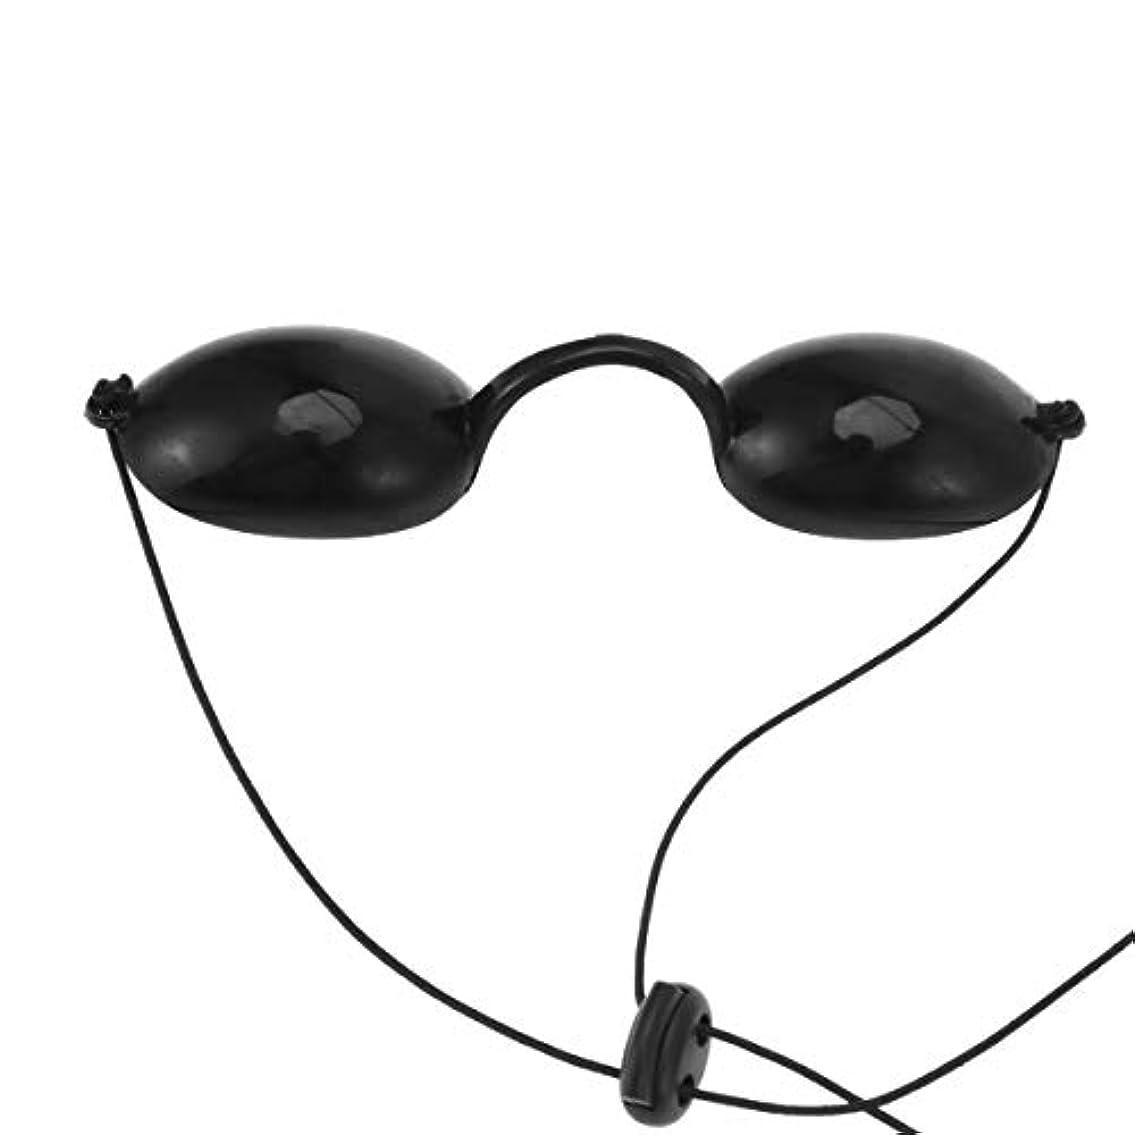 ドロップポーズヒゲSUPVOX成人日焼けゴーグルUVプロテクションアイパッチライトセラピーメガネアイカラー(ブラック)